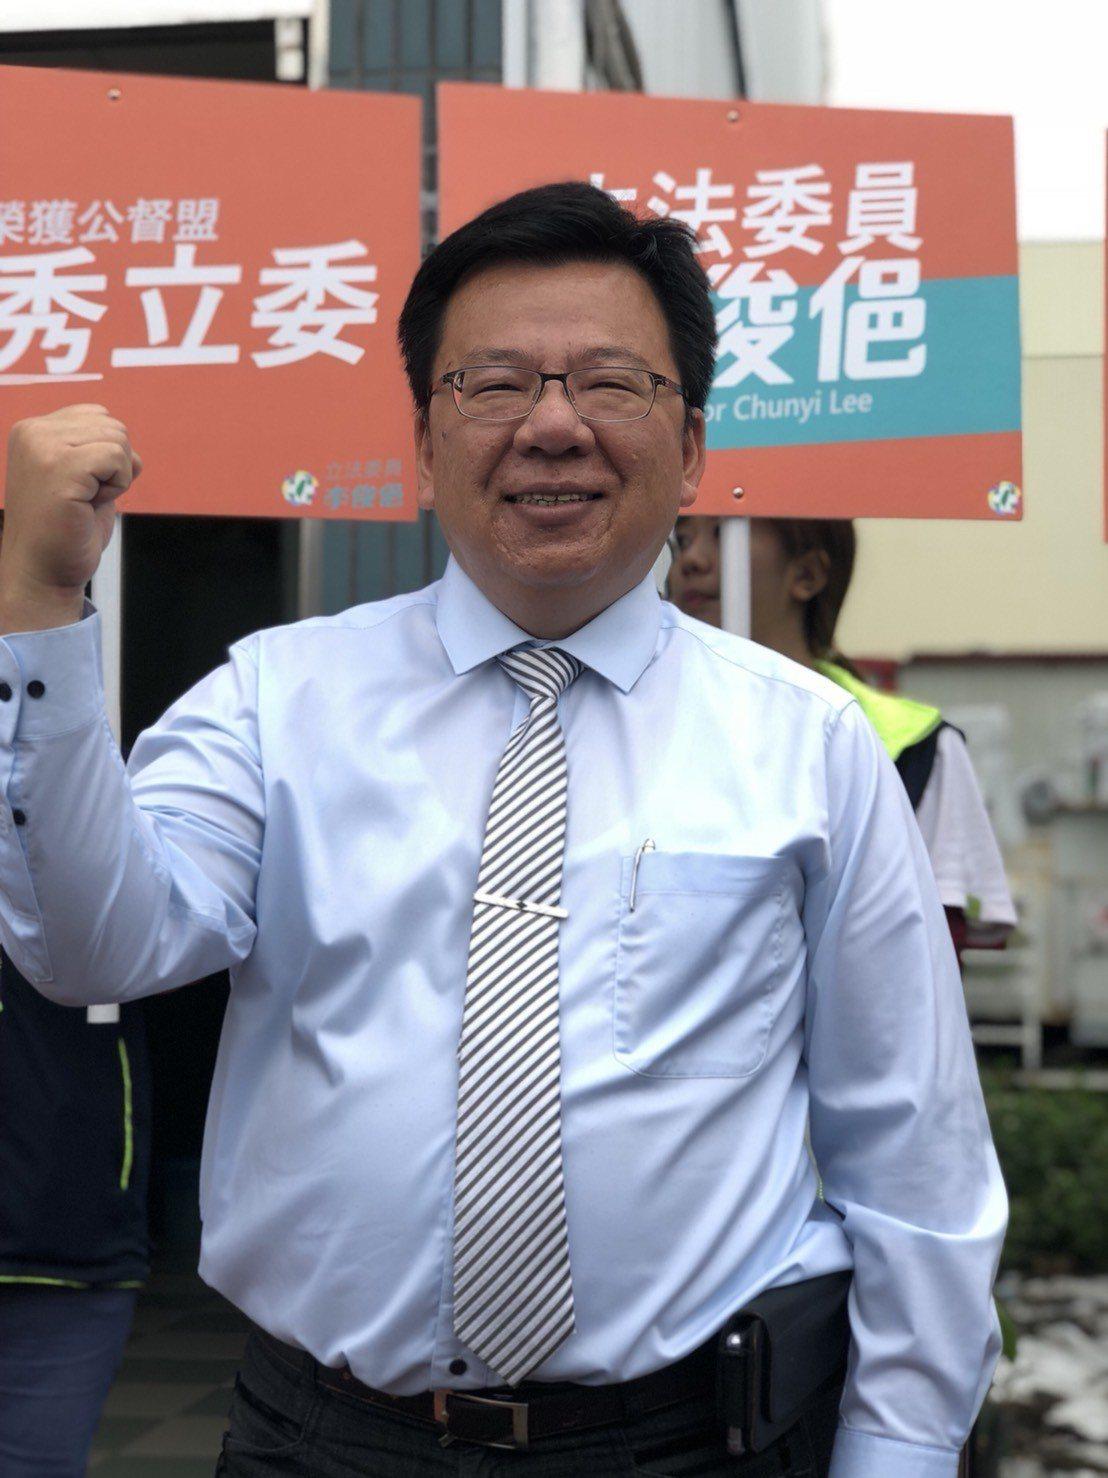 民進黨嘉義市立委李俊俋連任之路出現不少挑戰者。本報資料照片